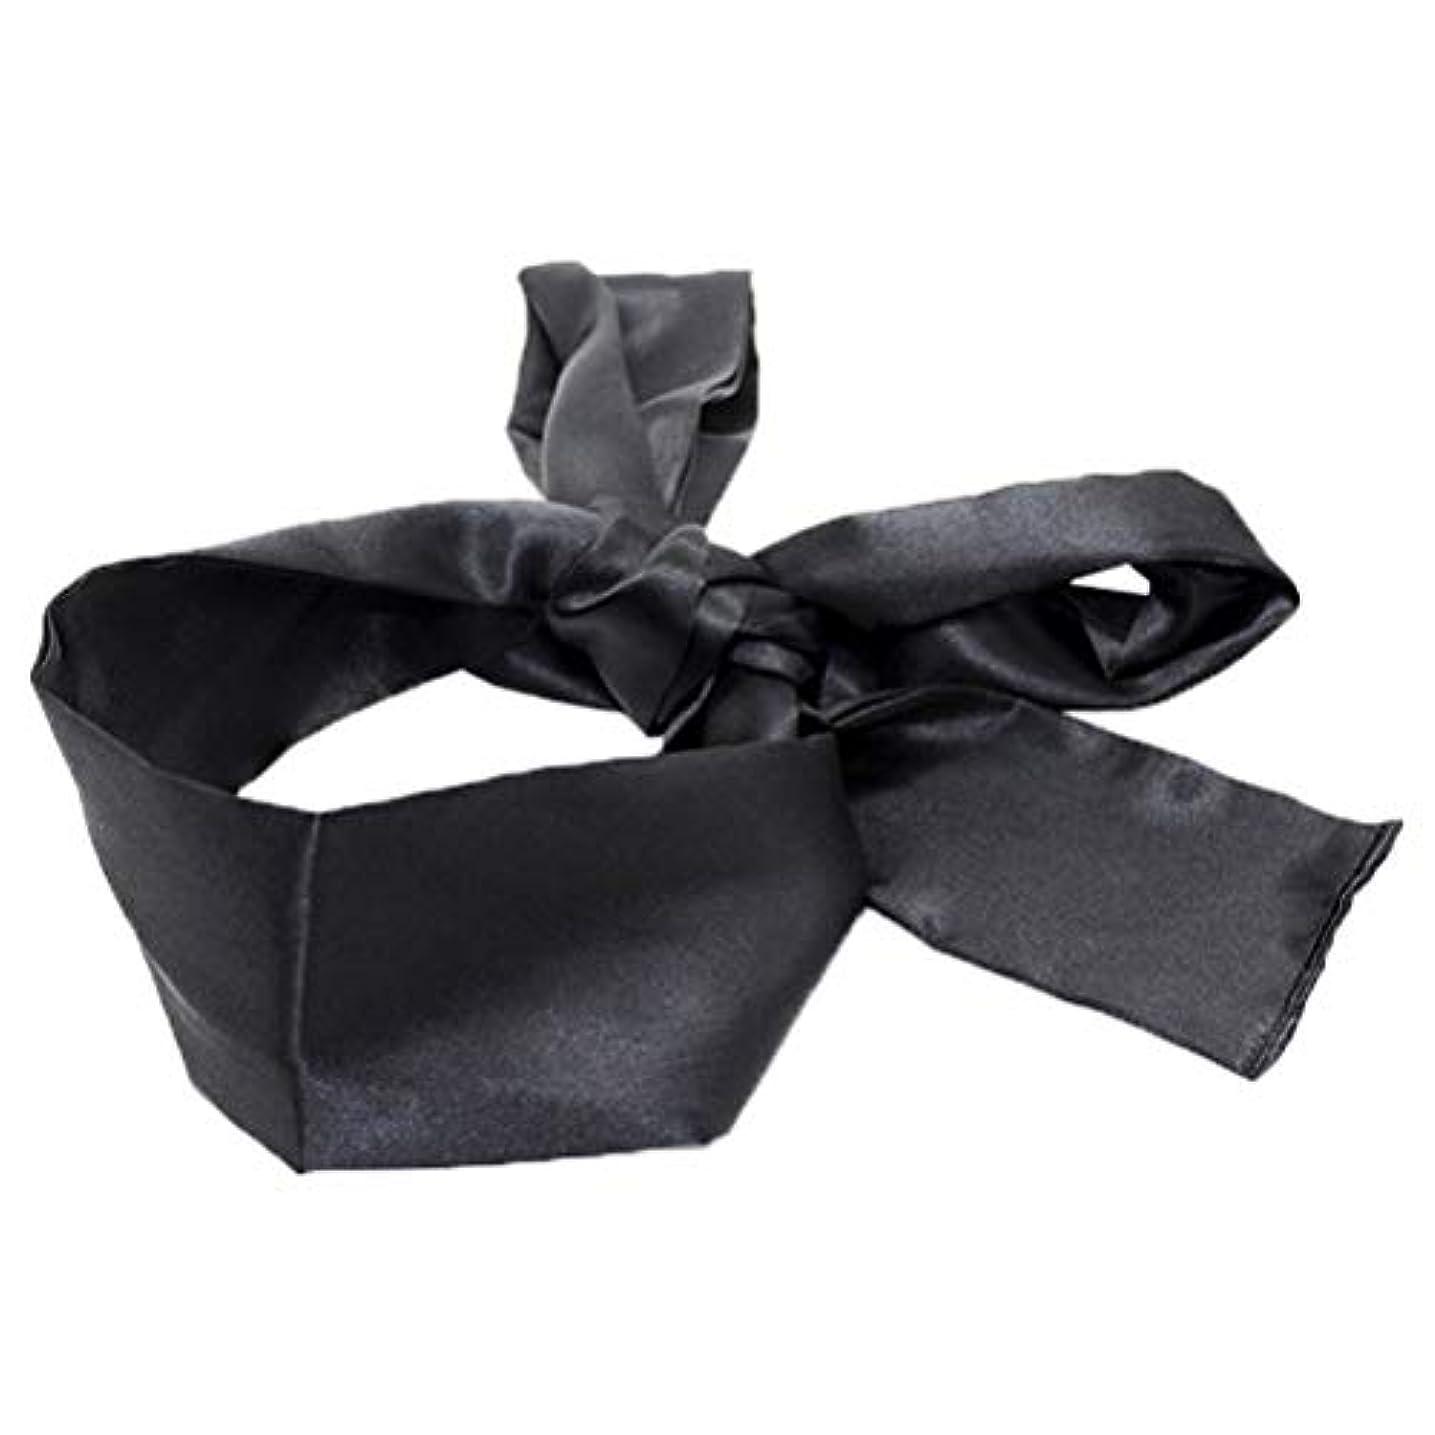 祝う待つほかにHEALIFTY 睡眠マスクホームトラベルコスチューム小道具(ブラック)用サテン目隠しソフト快適なアイマスクバンドブラインダー